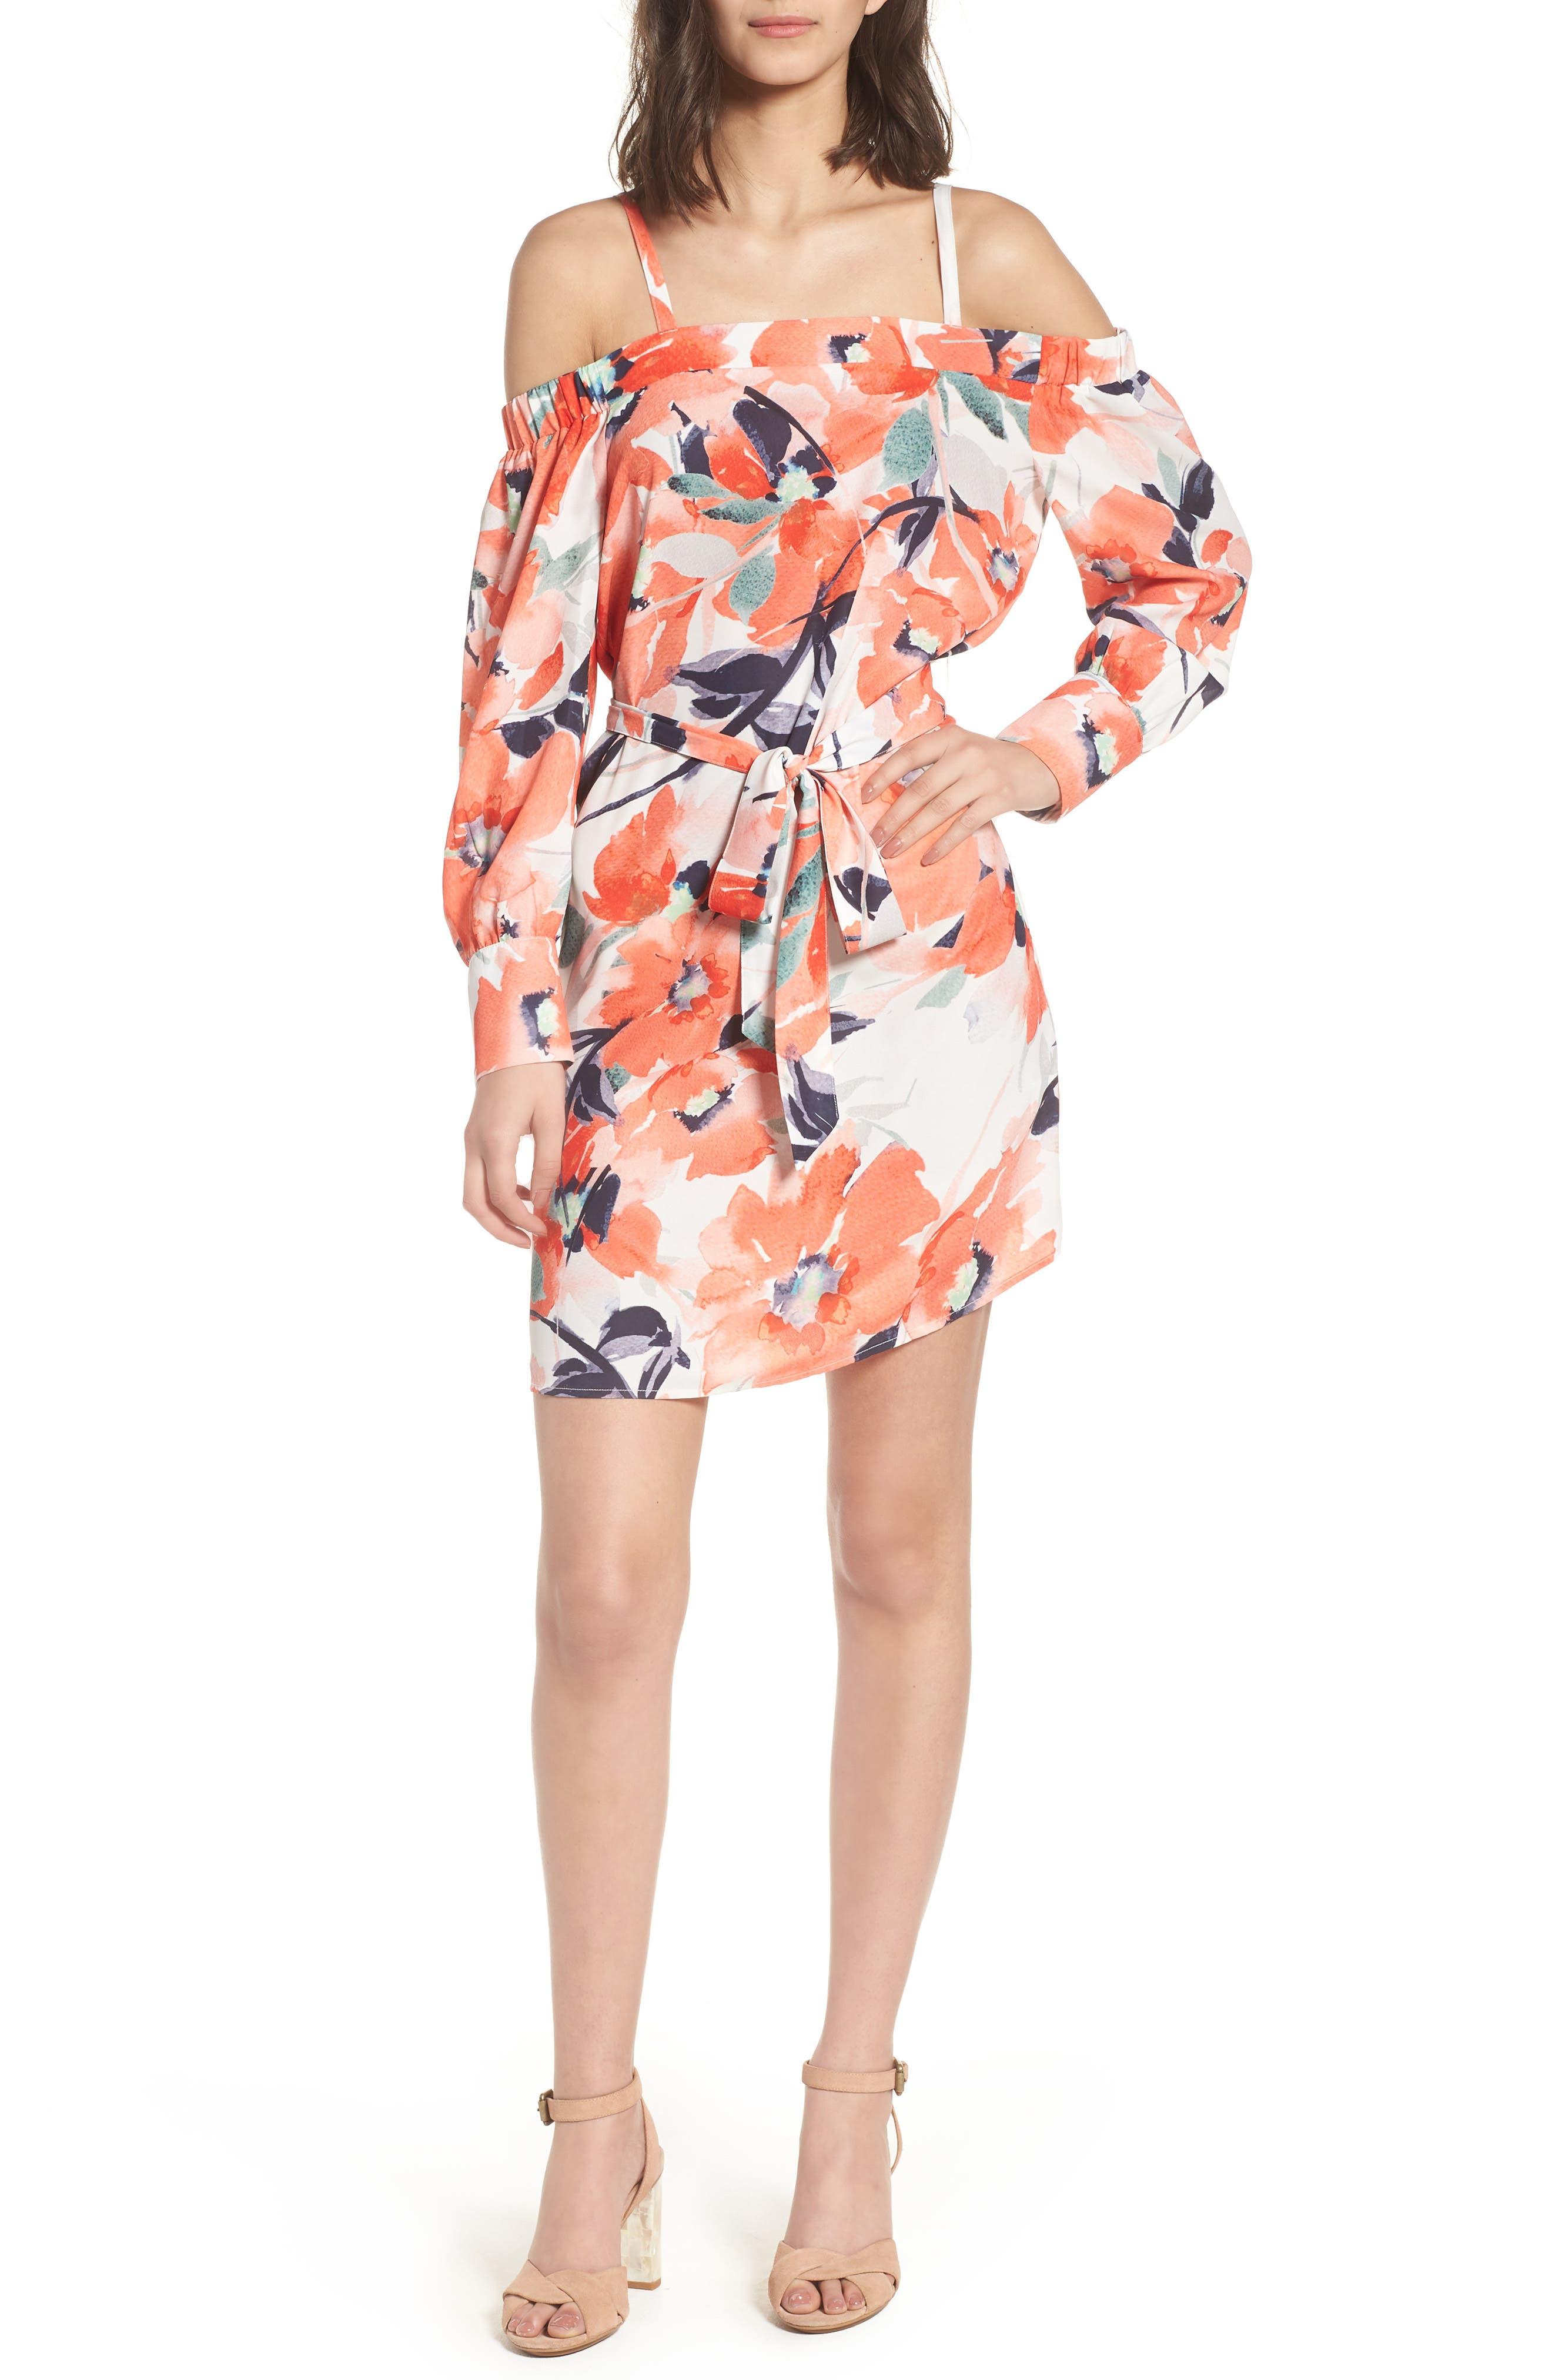 Bishop + Young Chrissy Cold Shoulder Dress,                         Main,                         color, Print